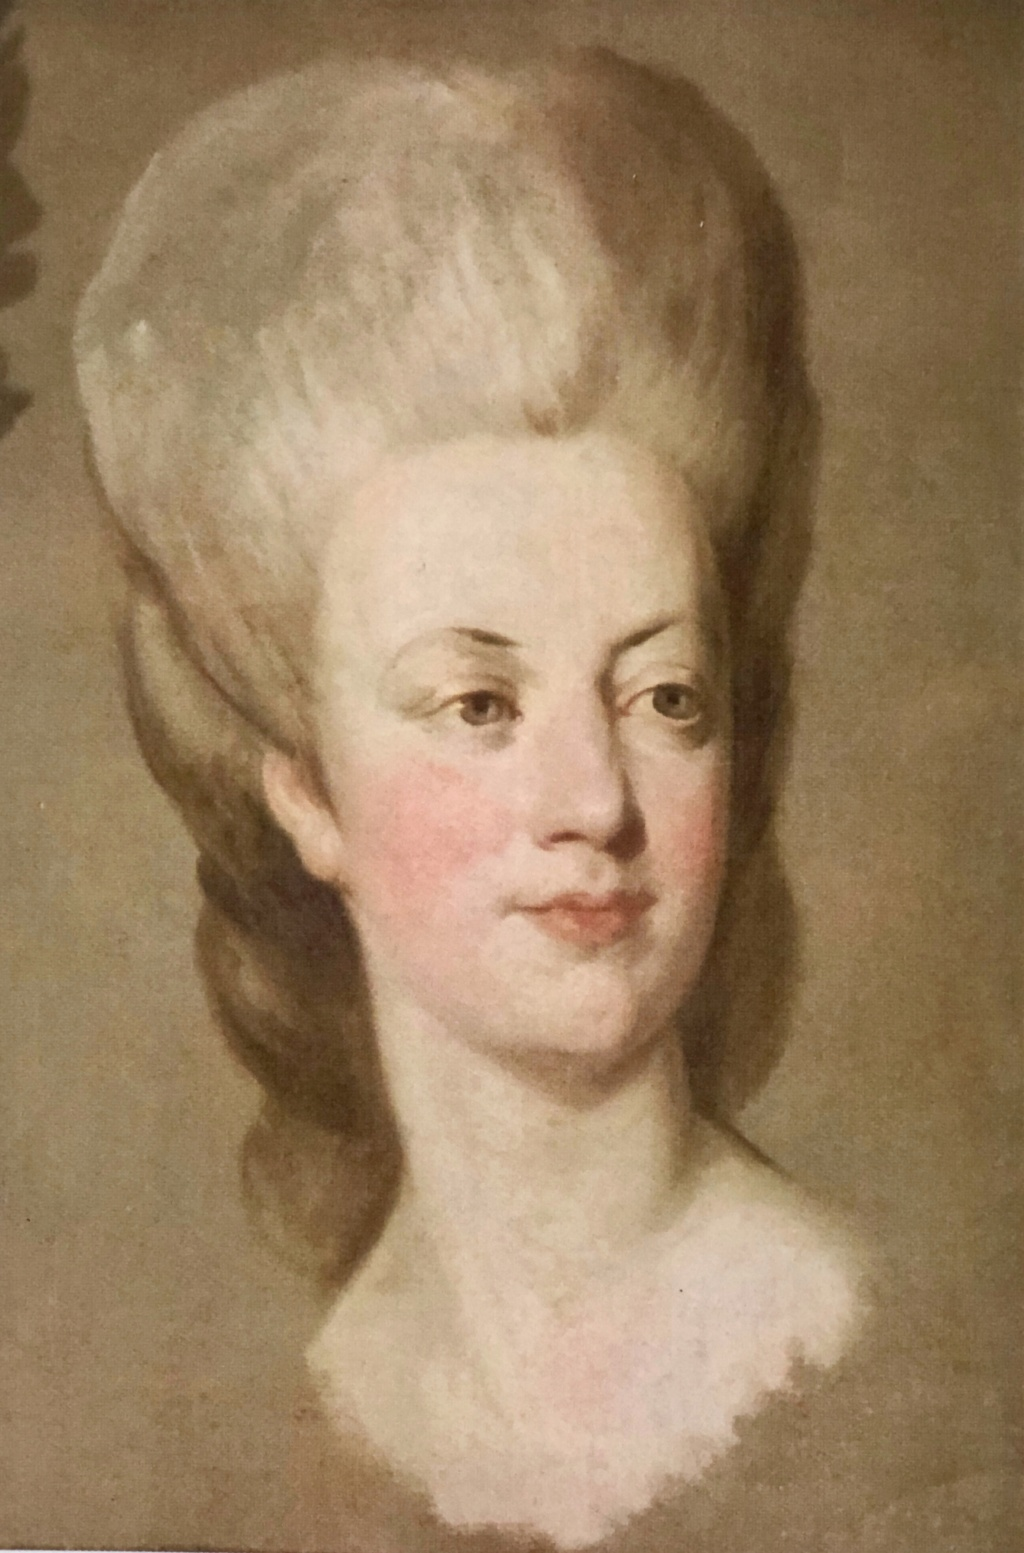 Portraits de Marie-Antoinette par Joseph-Siffred Duplessis Img_4611